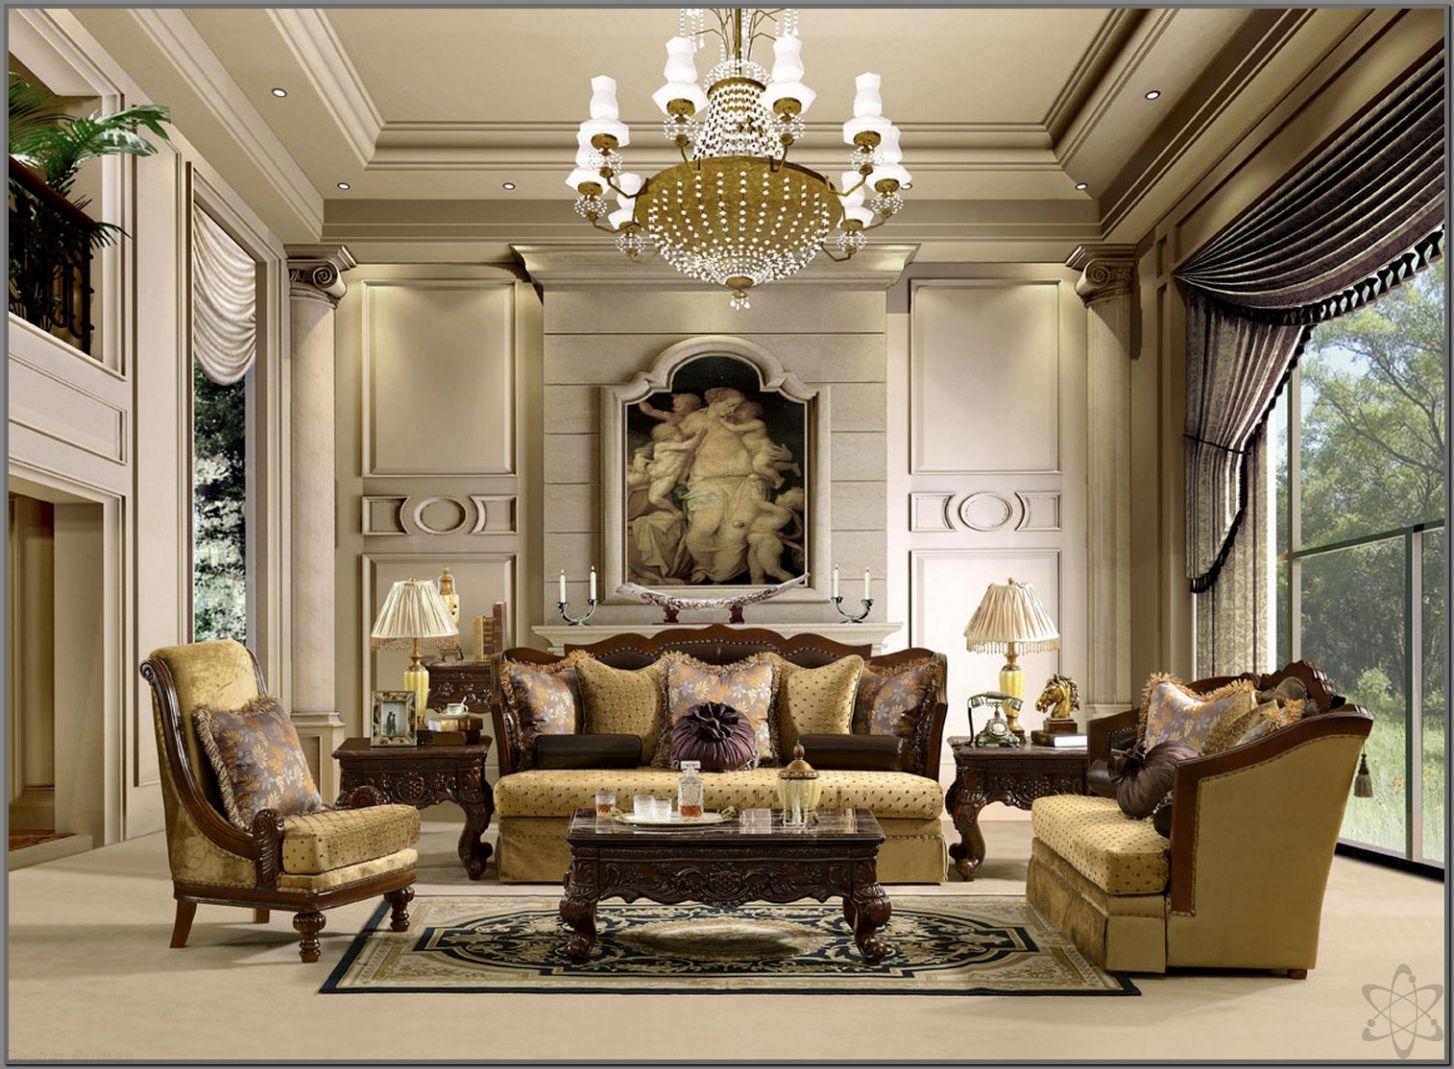 Desain Ruang Keluarga Modern Klasik Check More At  Http://desainrumahkita.net/